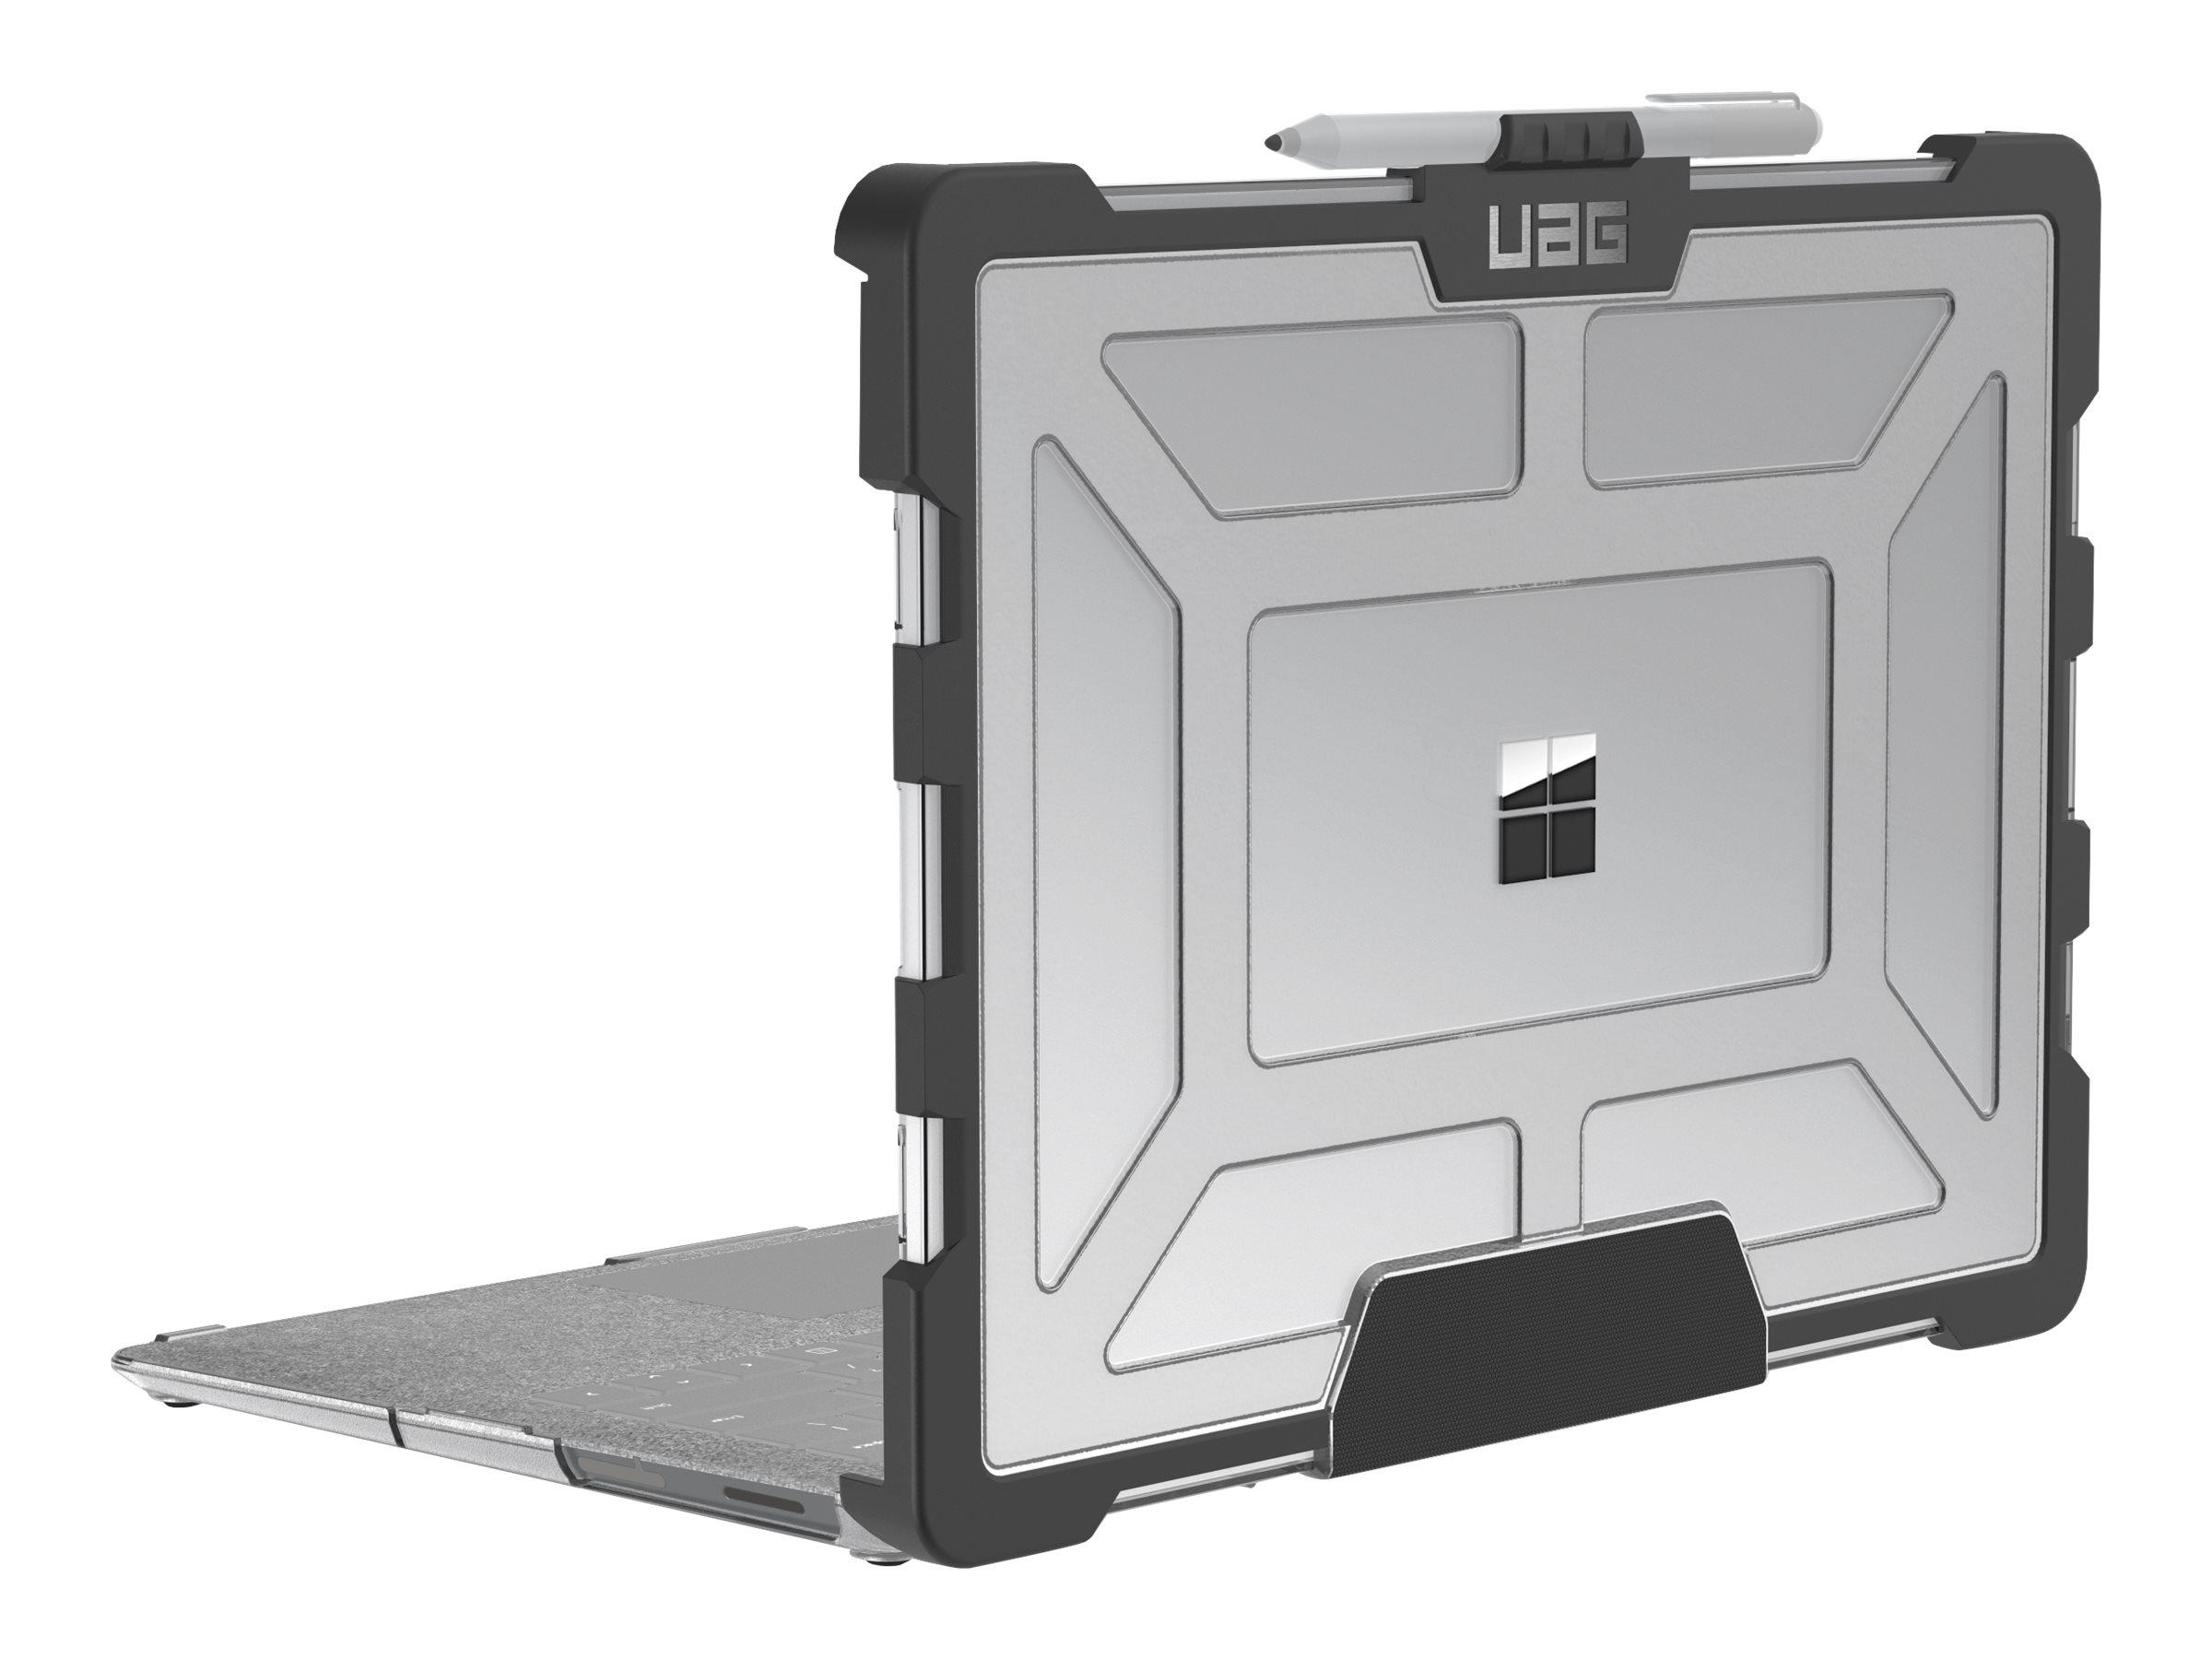 UAG Rugged Case for Surface Laptop 2 / Surface Laptop - Plasma Ice - Obere und hintere Abdeckung für Notebook - Ice - für Micros